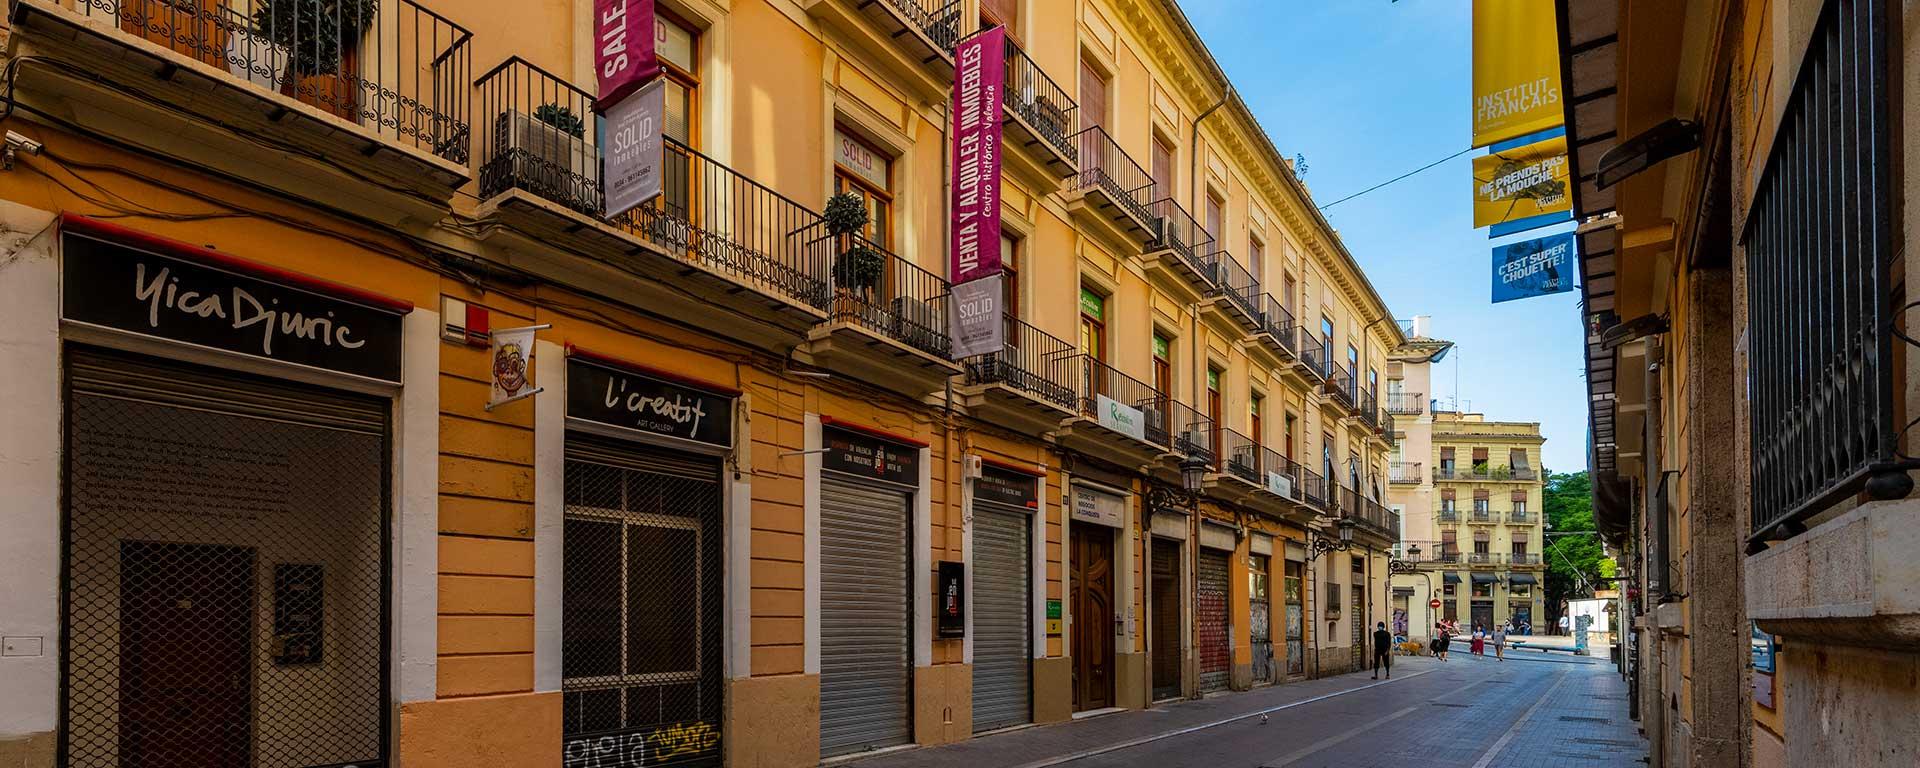 Calle-del-Moro-Zeid-11-numero-3